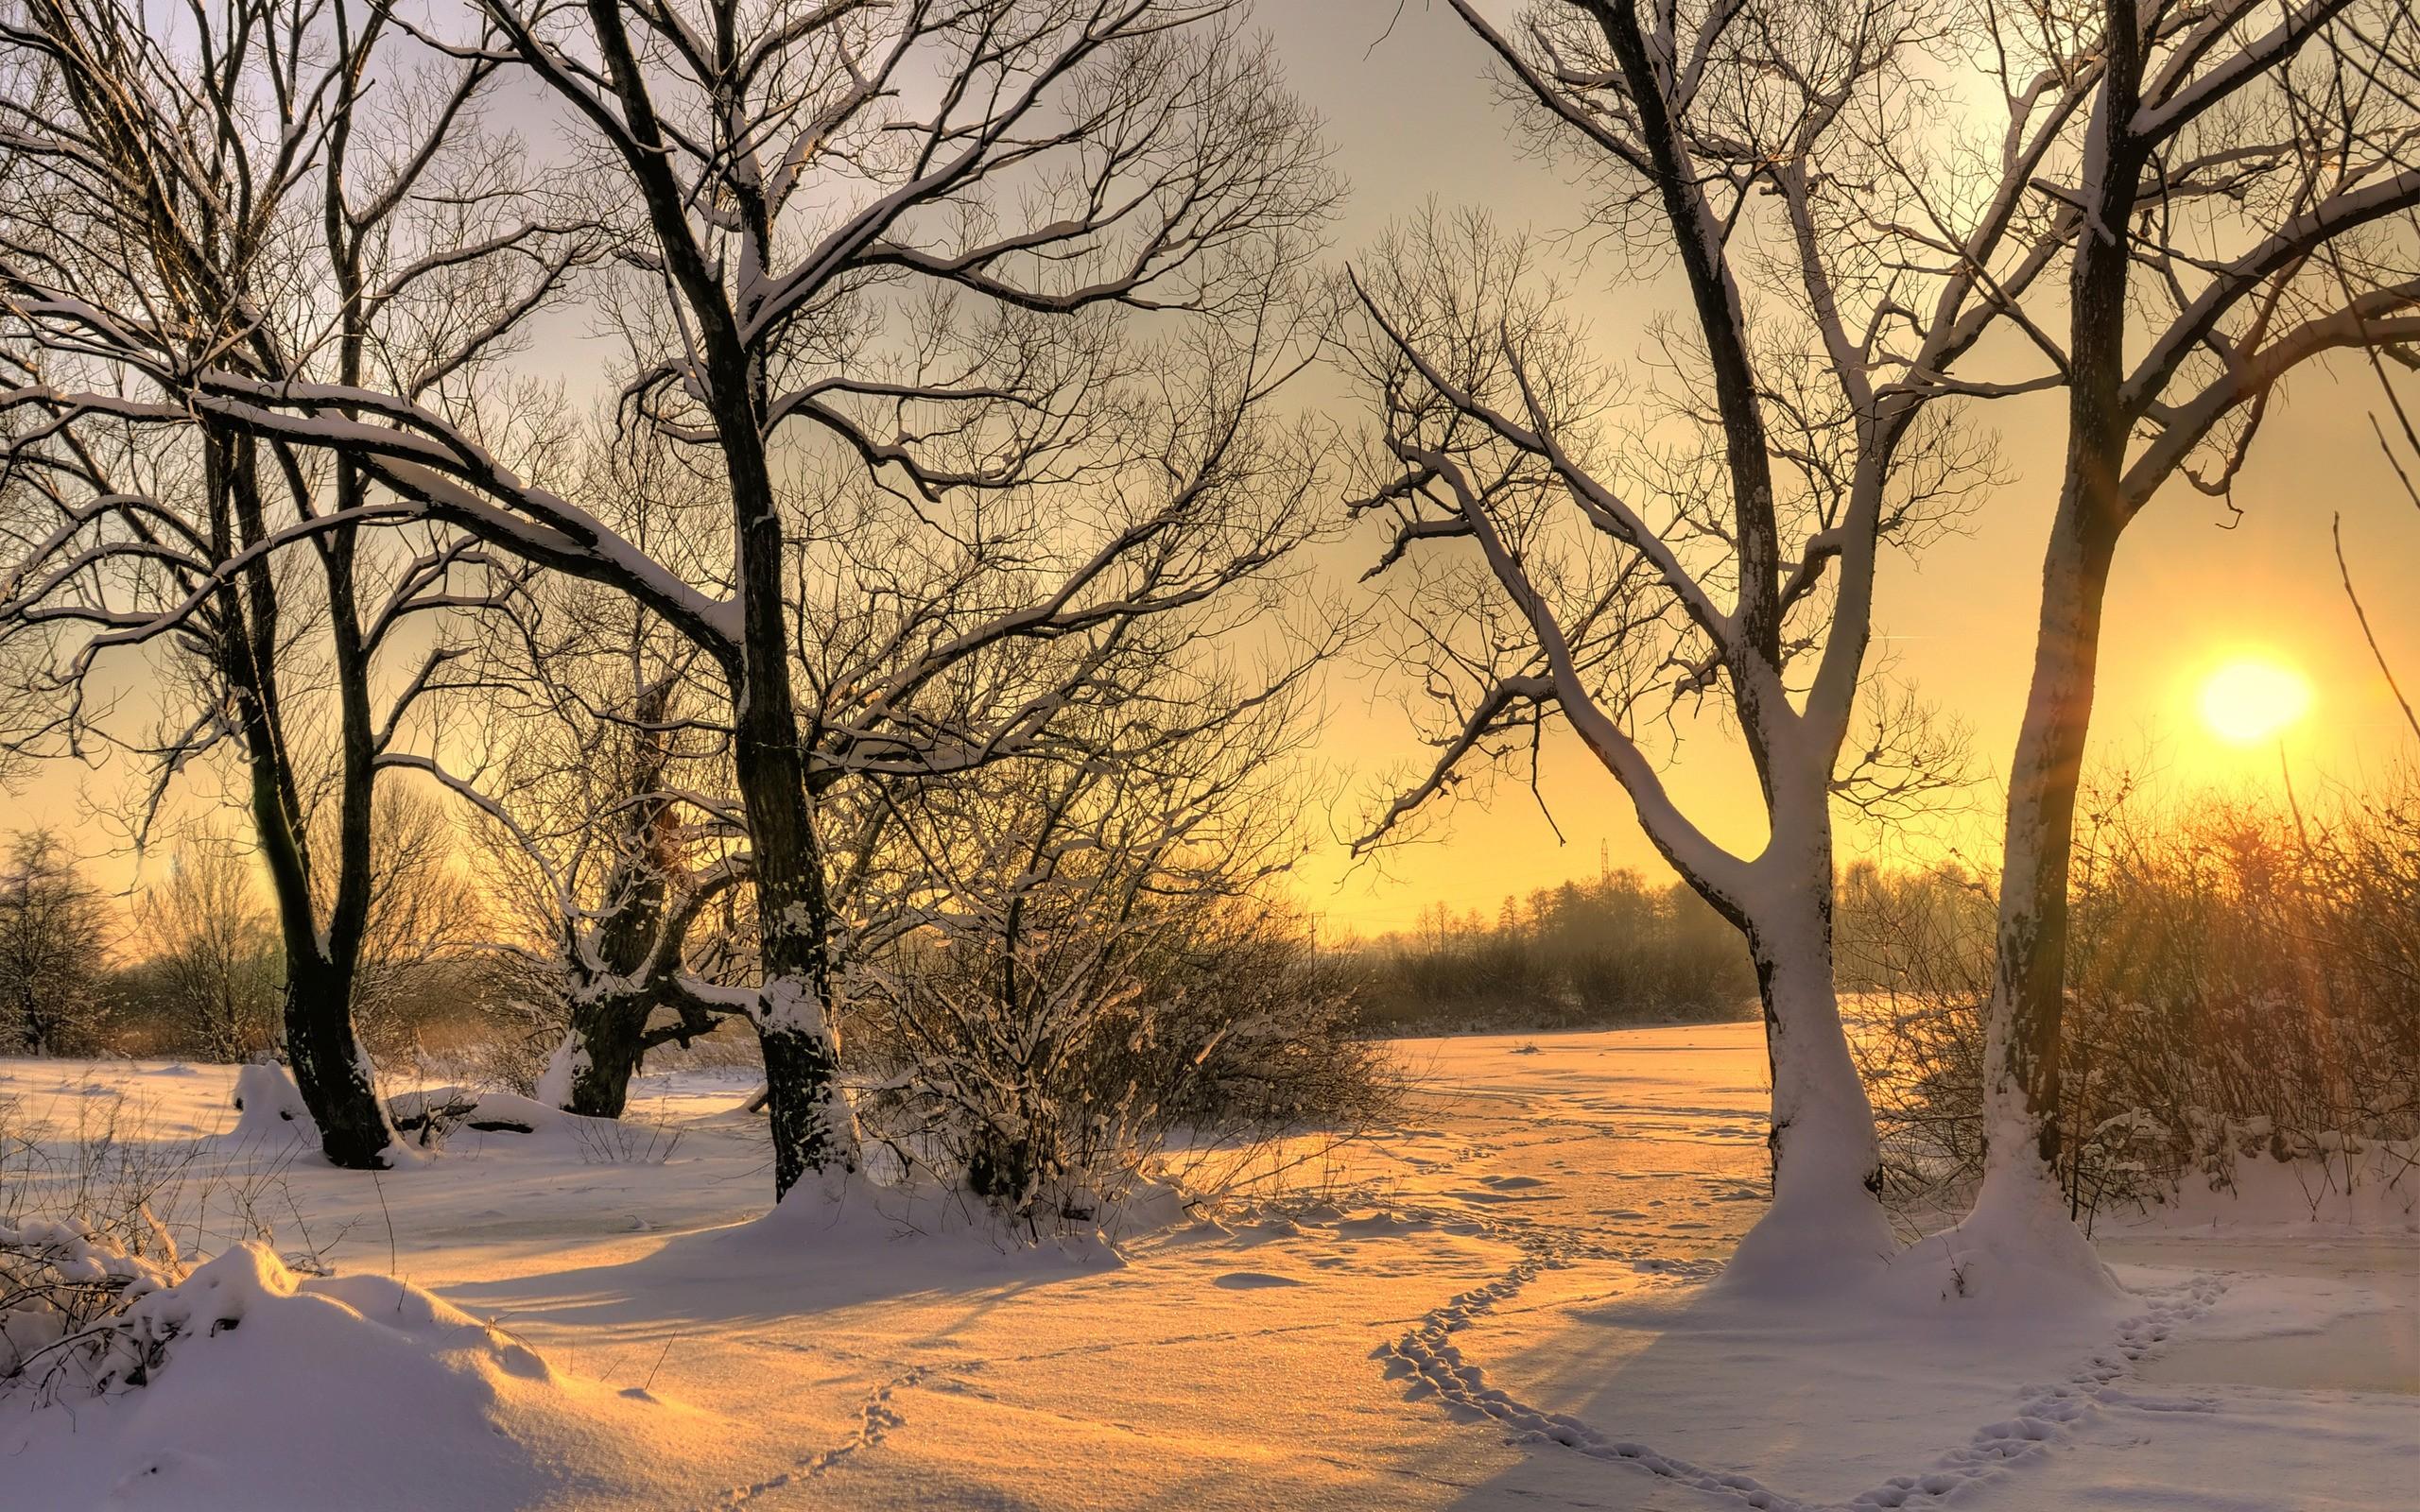 Puesta de sol en California con nieve - 2560x1600